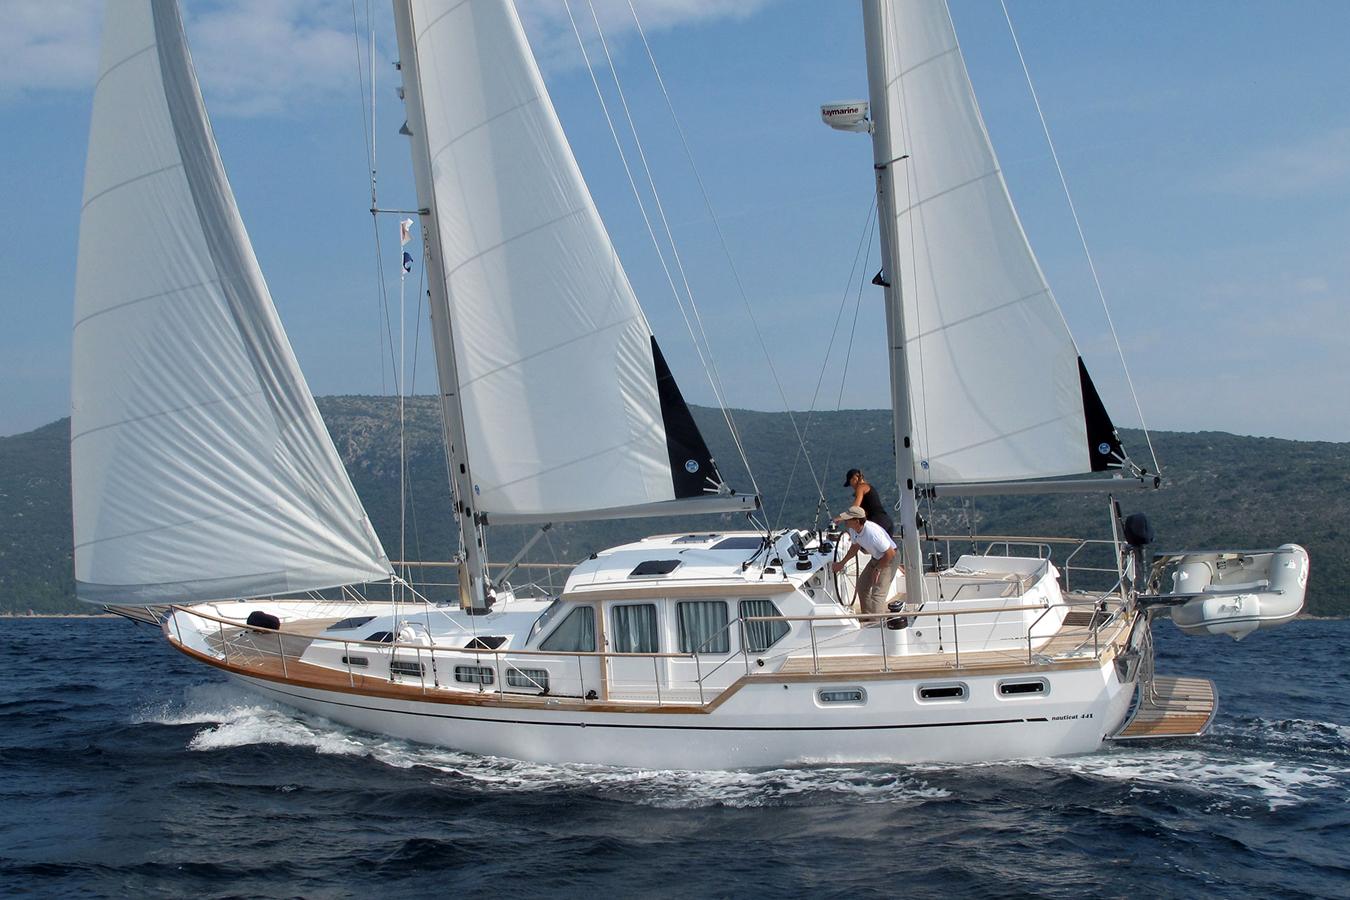 Nauticat - классический motorsailer с большой рулевой рубкой, которая является неразрывным продолжением надстройки в центральной части.